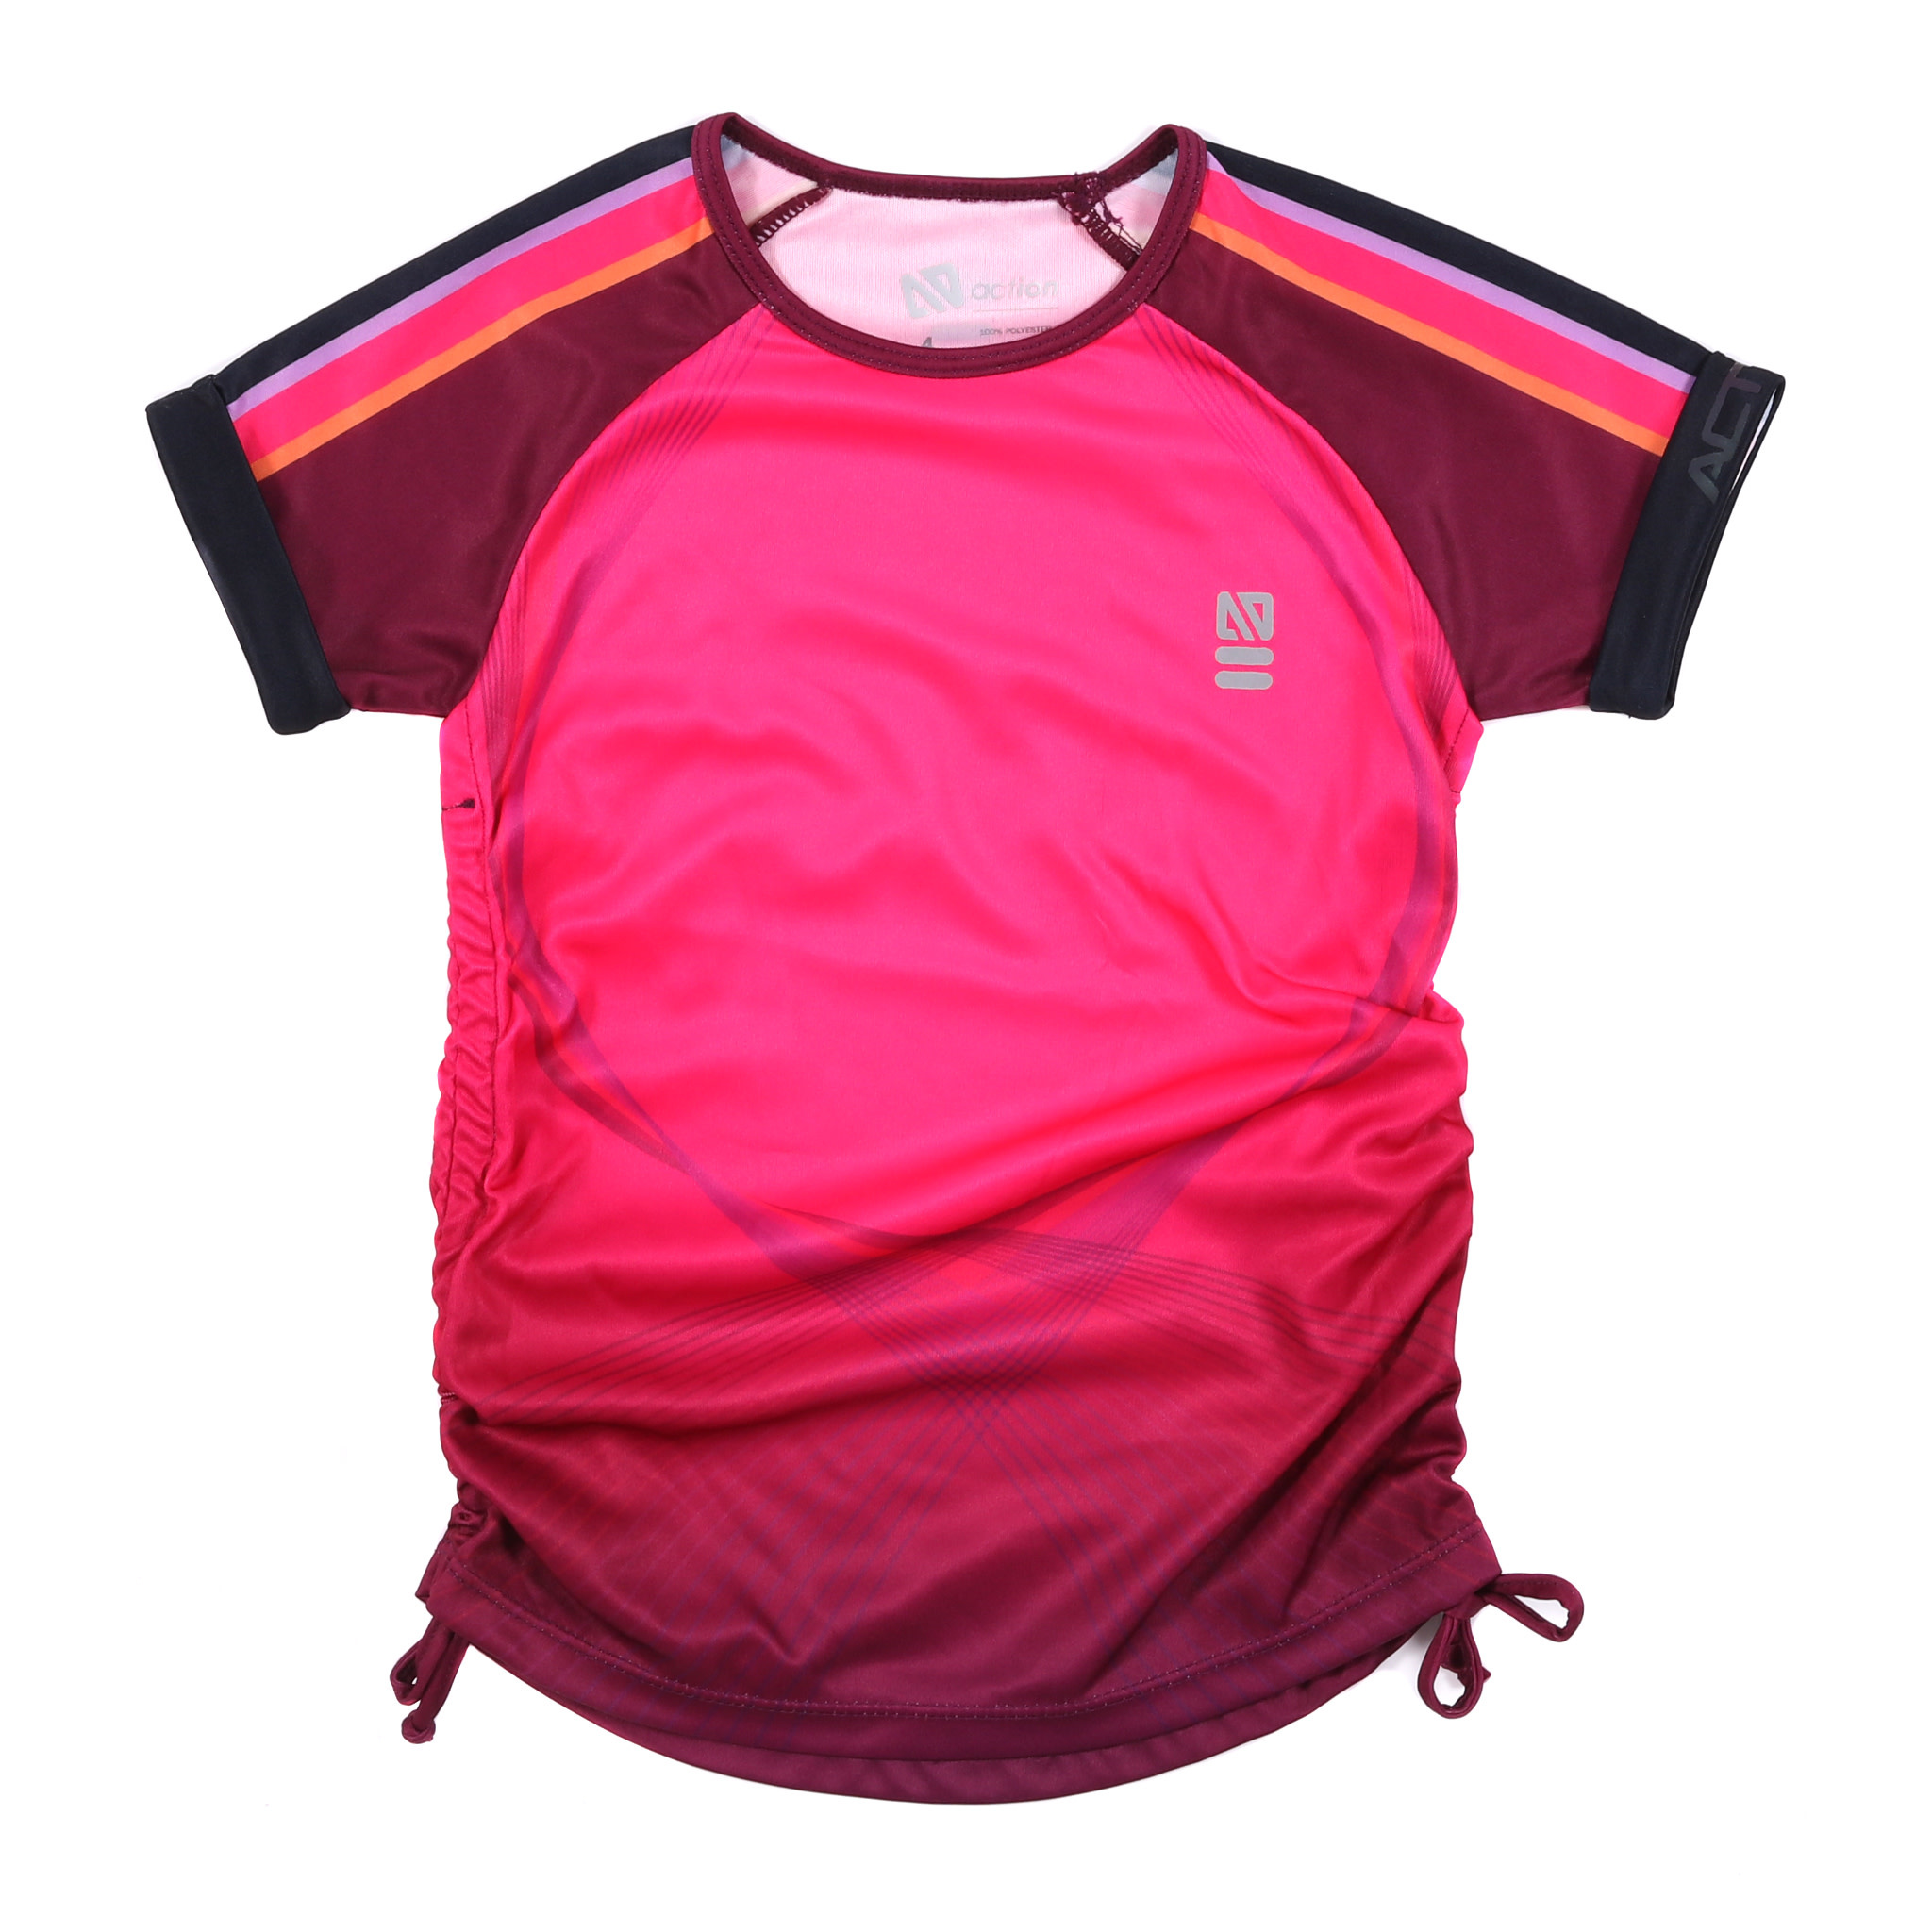 T-shirt athlétique - Sport et Chic-3